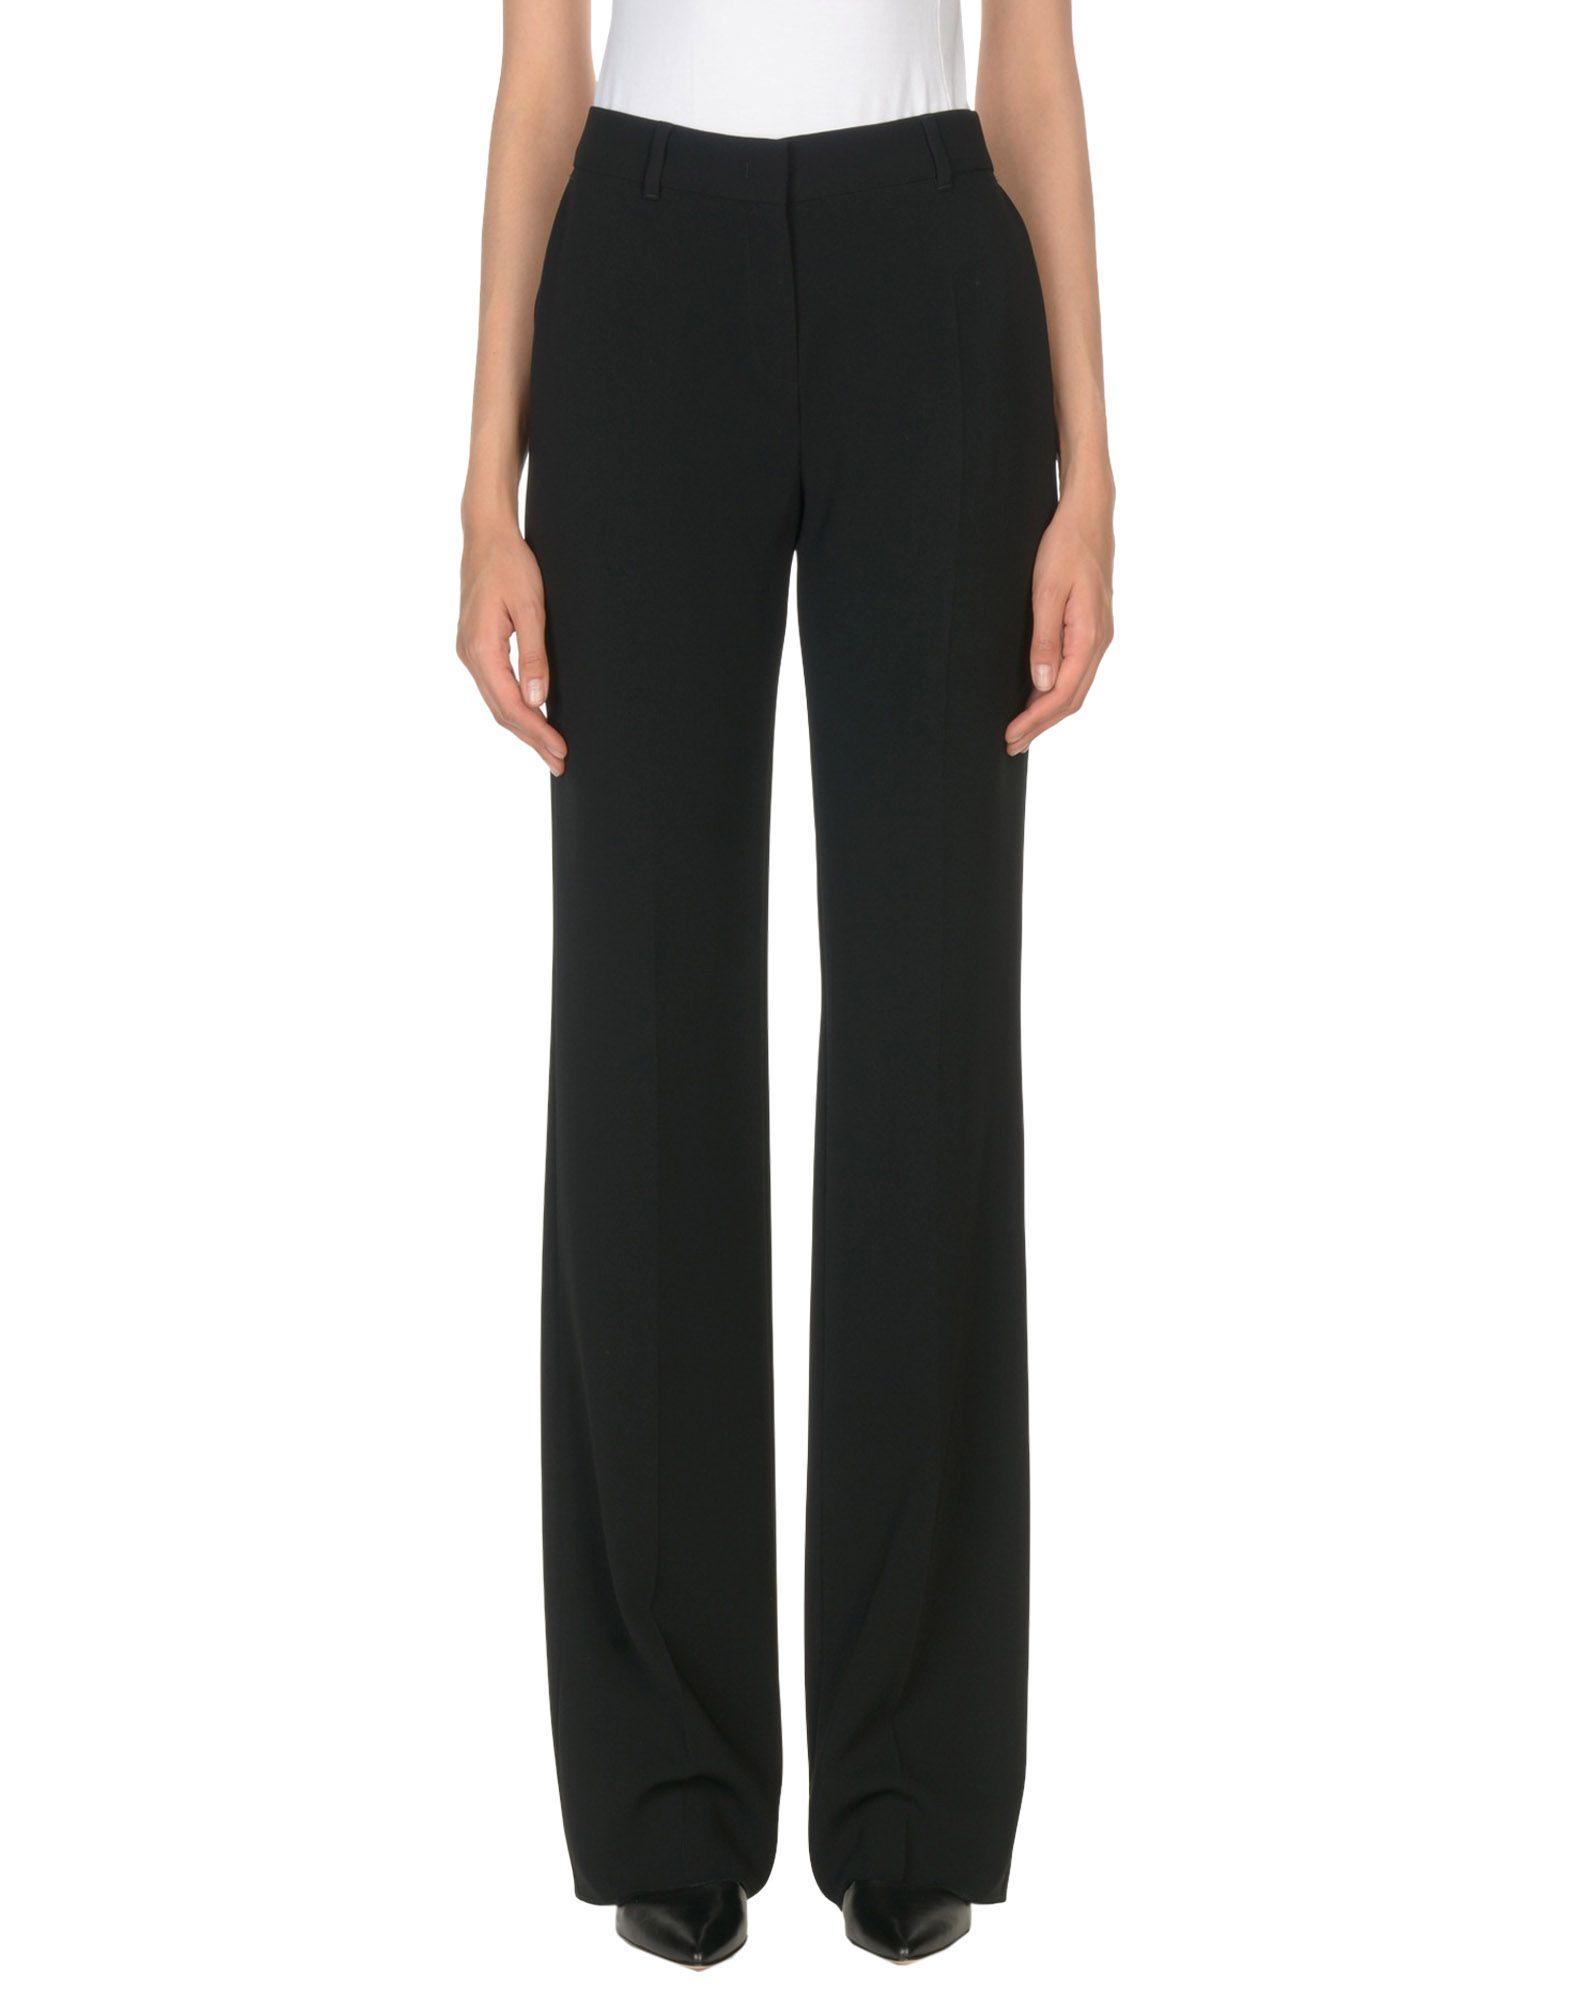 Pantalone Max Mara Studio Donna - Acquista online su lquDXeJ